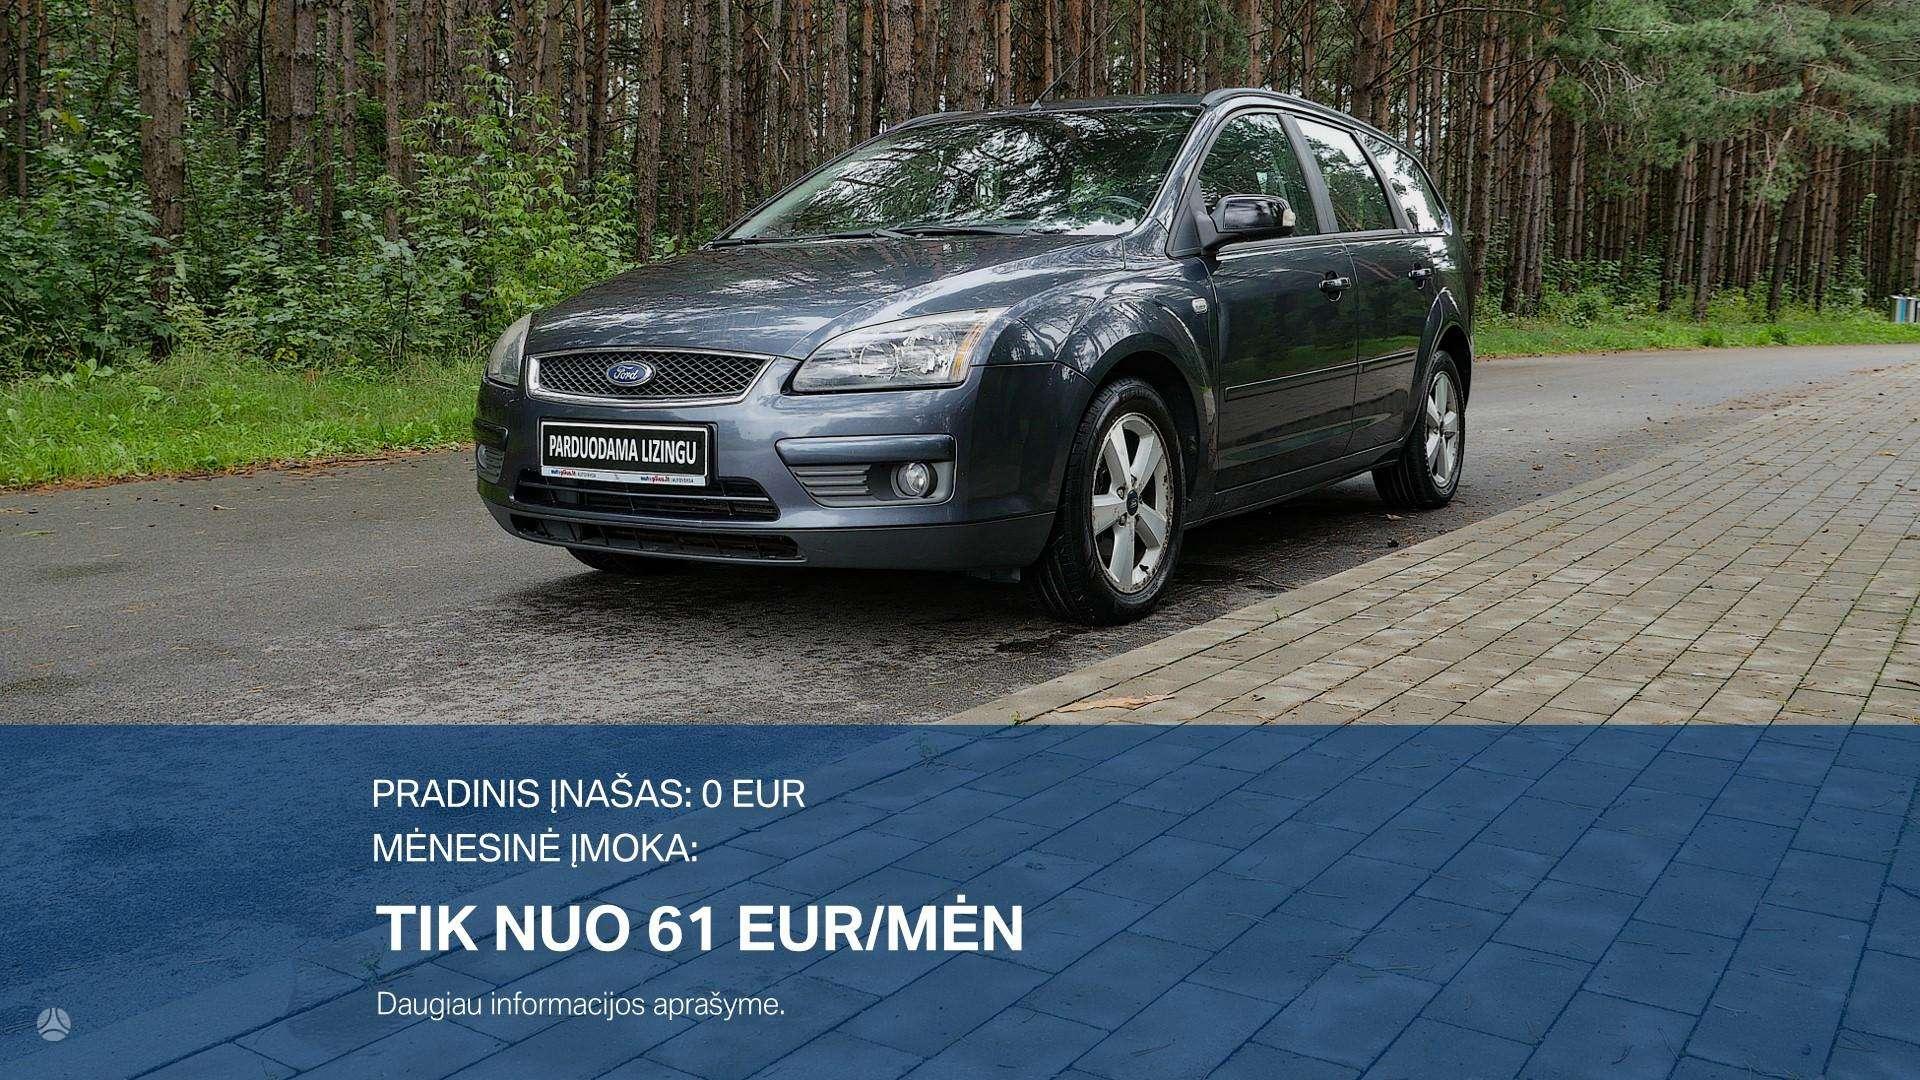 Ford Focus Išsimokėtinai nuo 61Eur/Mėn su 3 mėnesių garantija